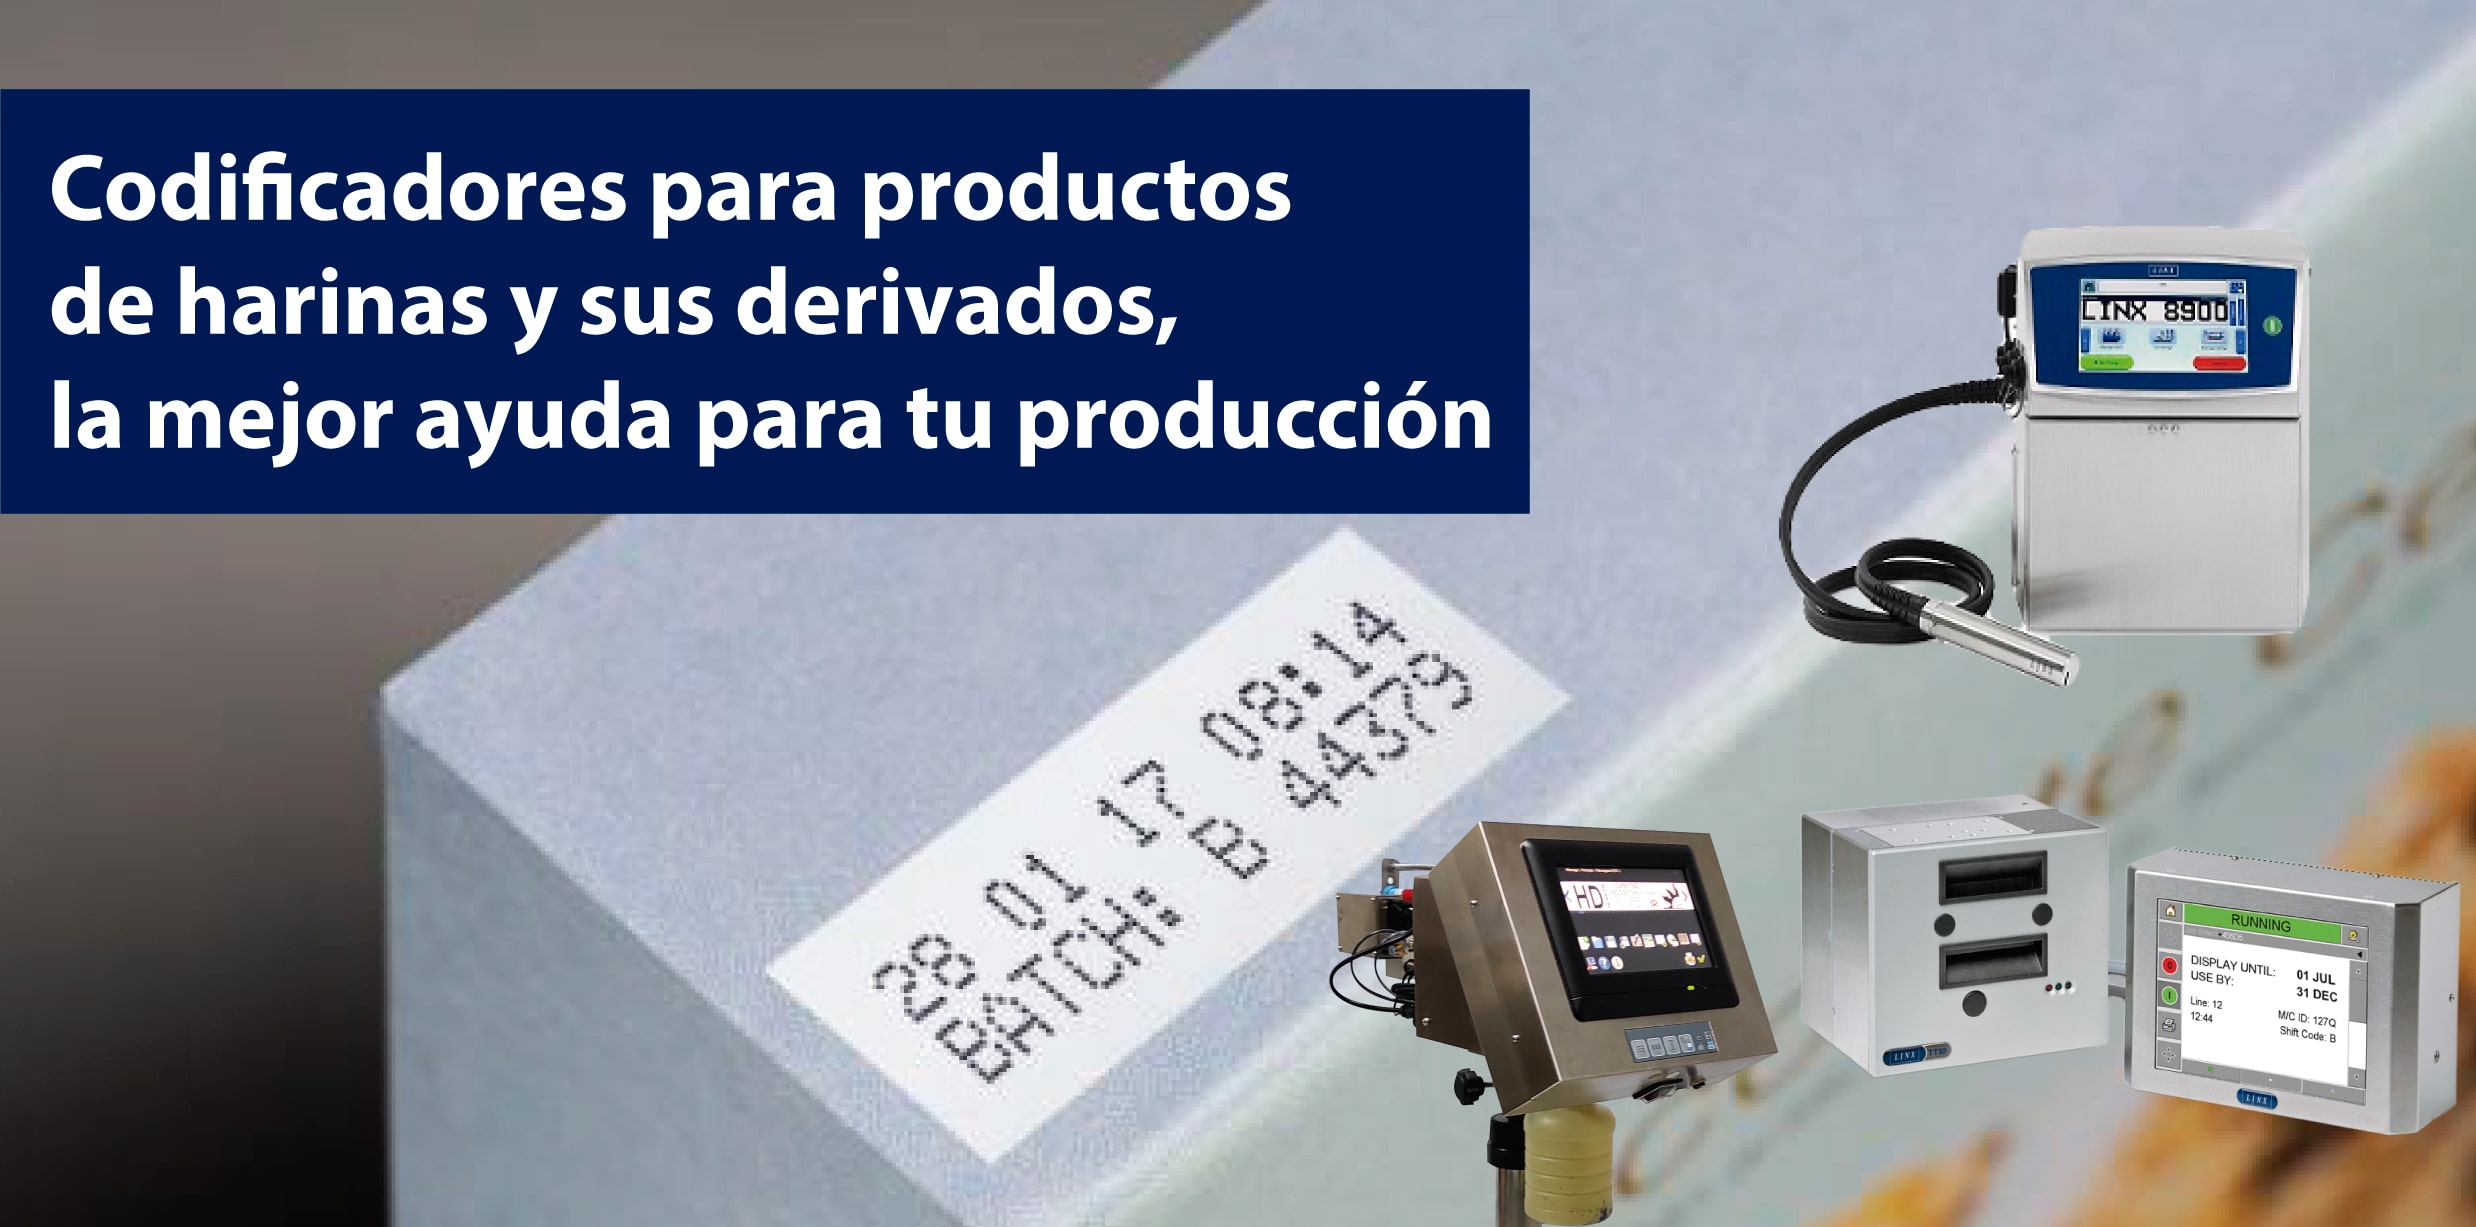 codificadores para productos de harinas